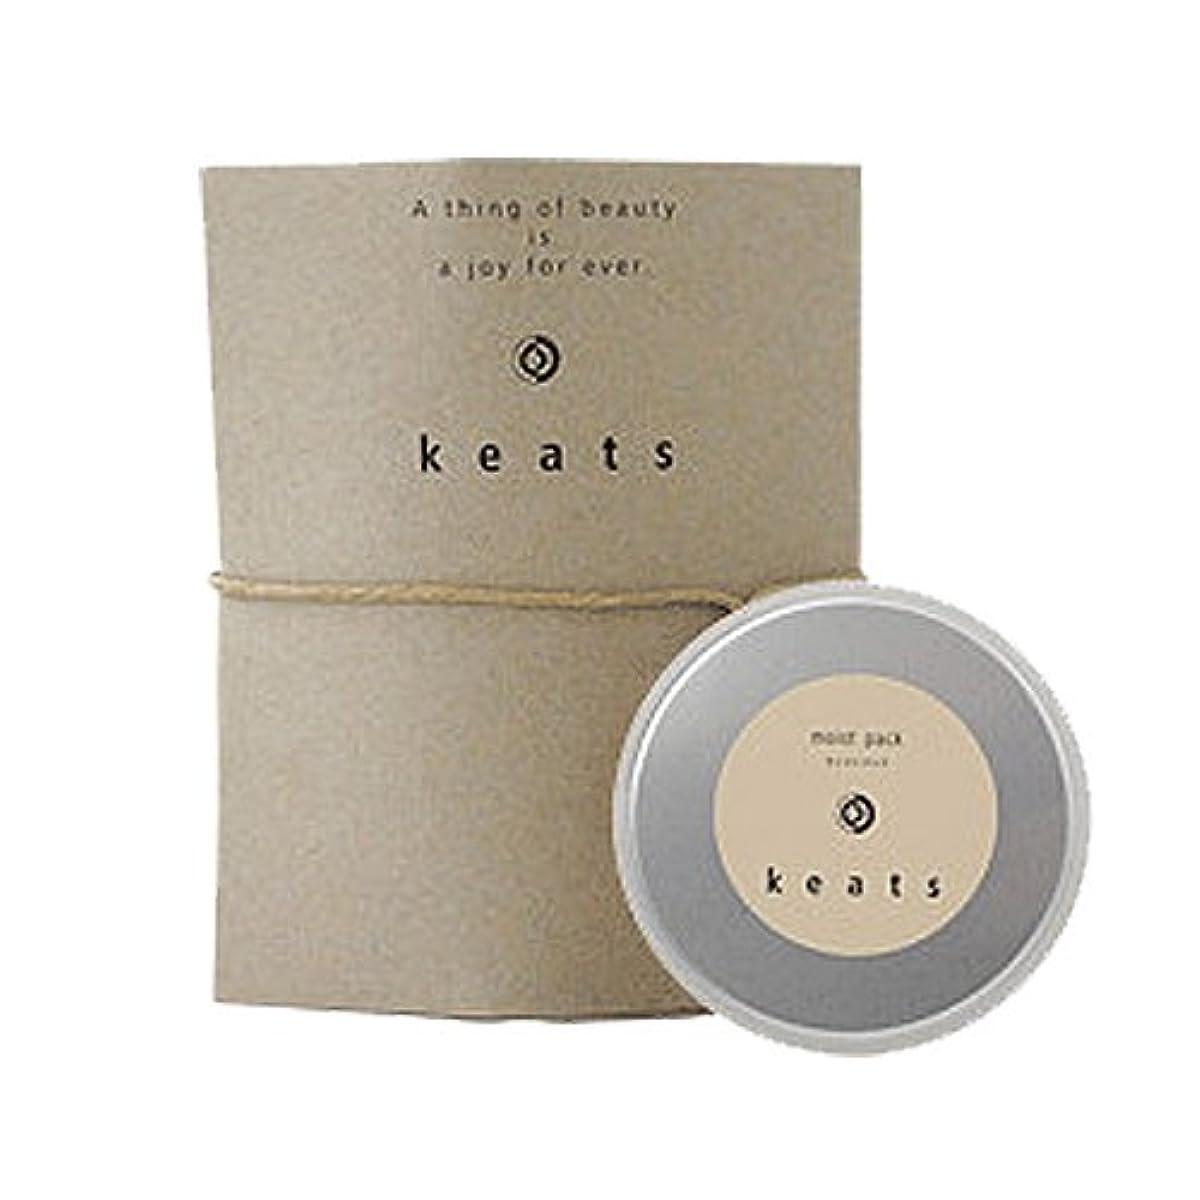 一方、記念リフトキーツ(keats) モイストパック 80g[並行輸入品]